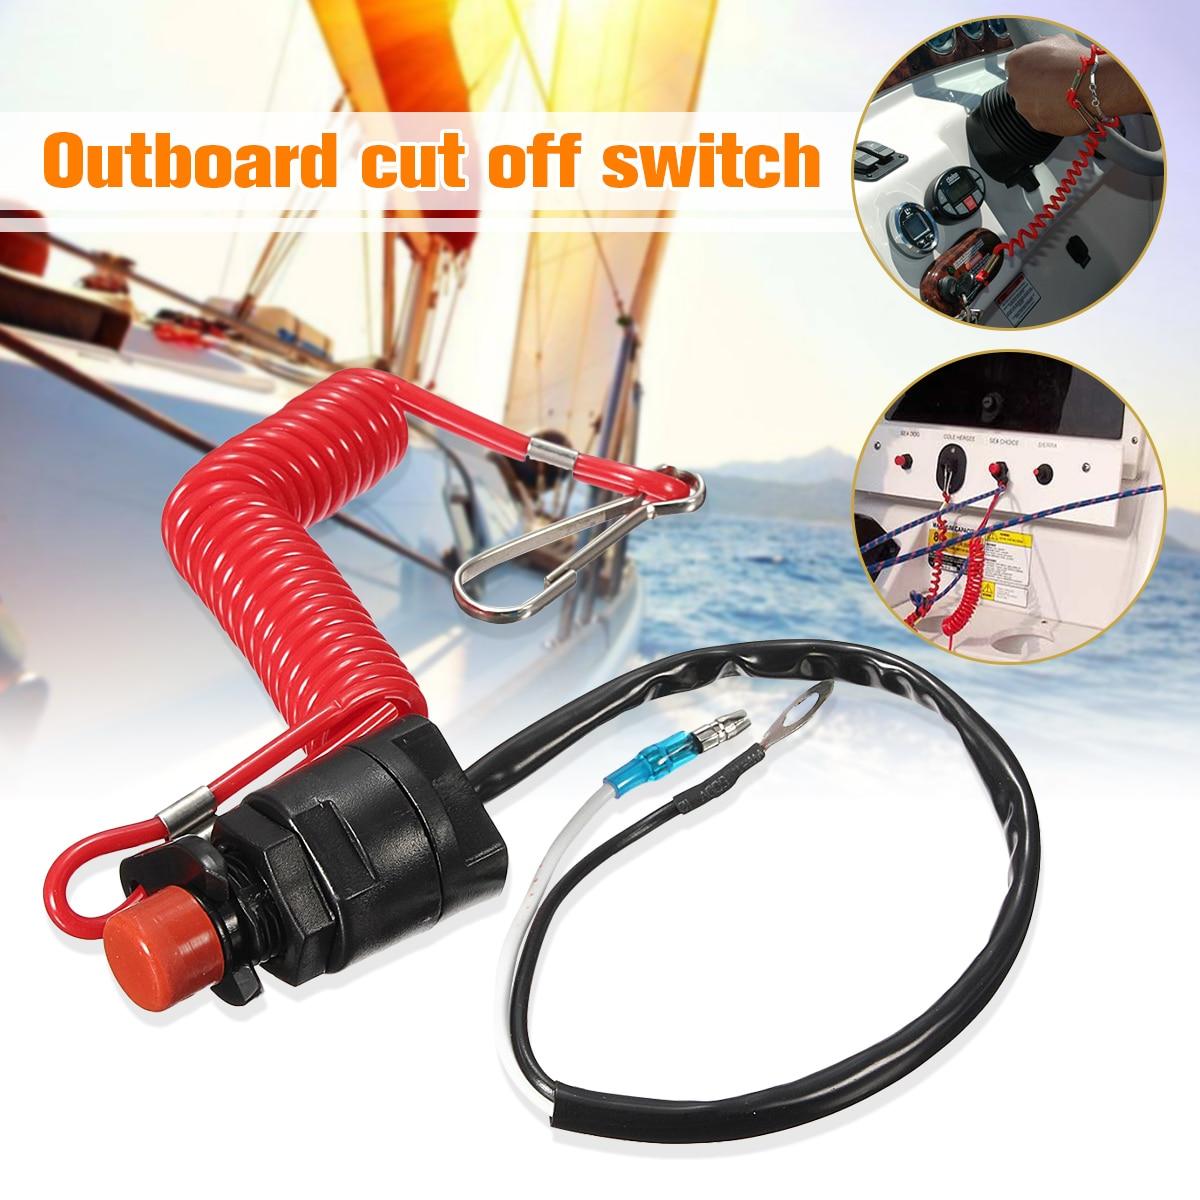 Barco a motor de emergência kill stop interruptor externo corte fora do interruptor de segurança cordão para yamaha/tohatsu cordão tether proteger